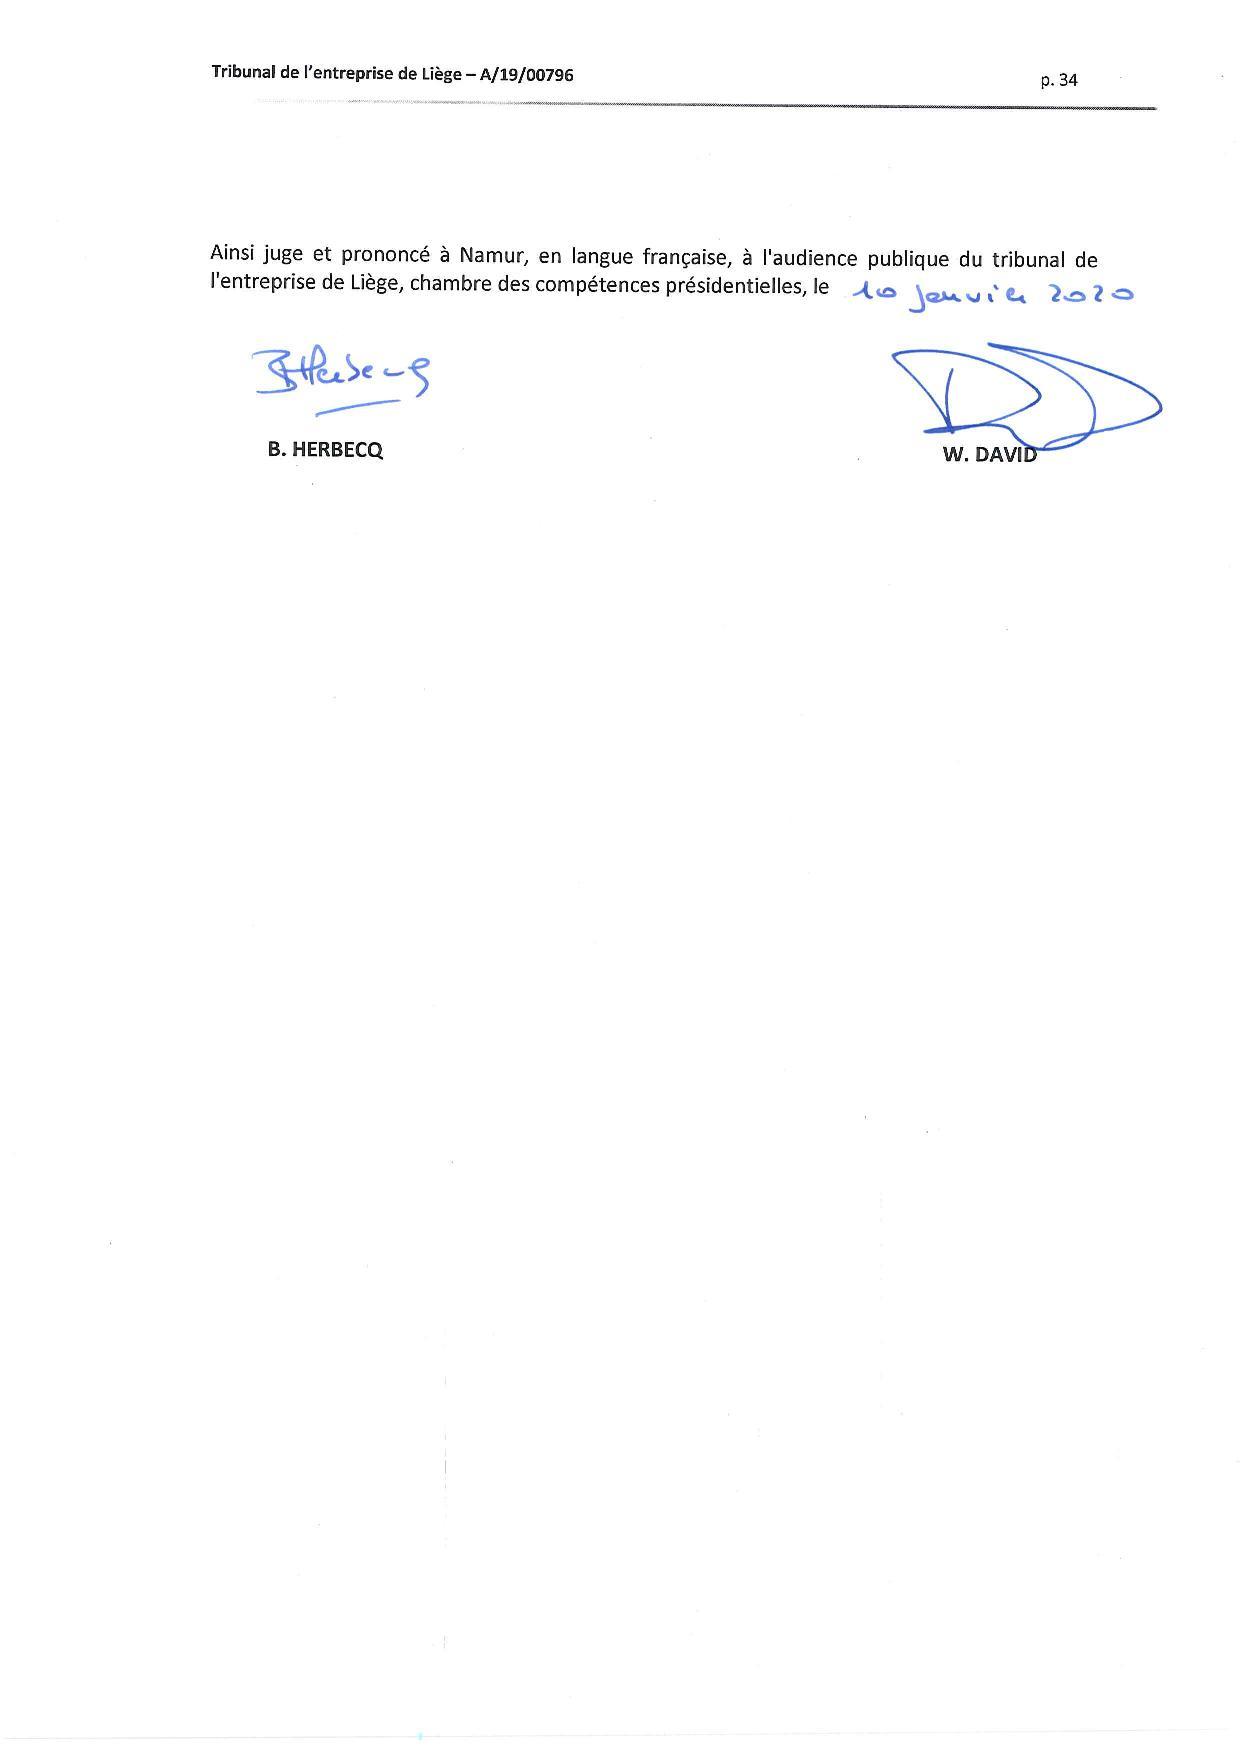 2020 01 10 SUD PRESSE c HERREGAT V et VINCESTONIAN SDE PLC (A-19-00796) aud 6-12-2019-page-034